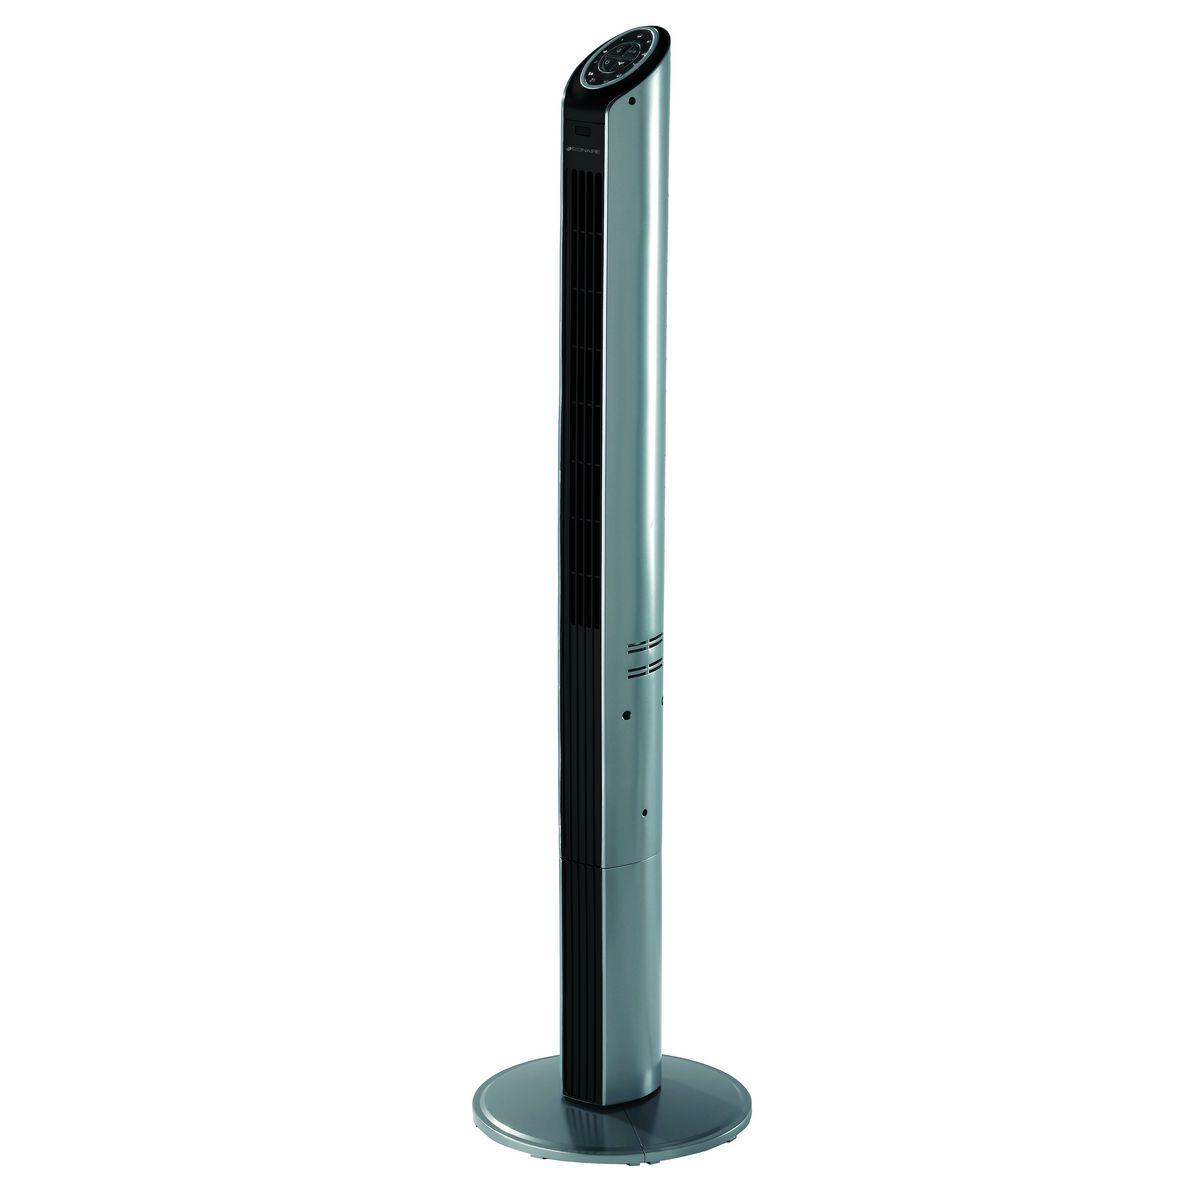 Ventilateur colonne BTF 002 X-I Noir 35 W 3 Vitesses 60 dB 990 m3/h 122 cm